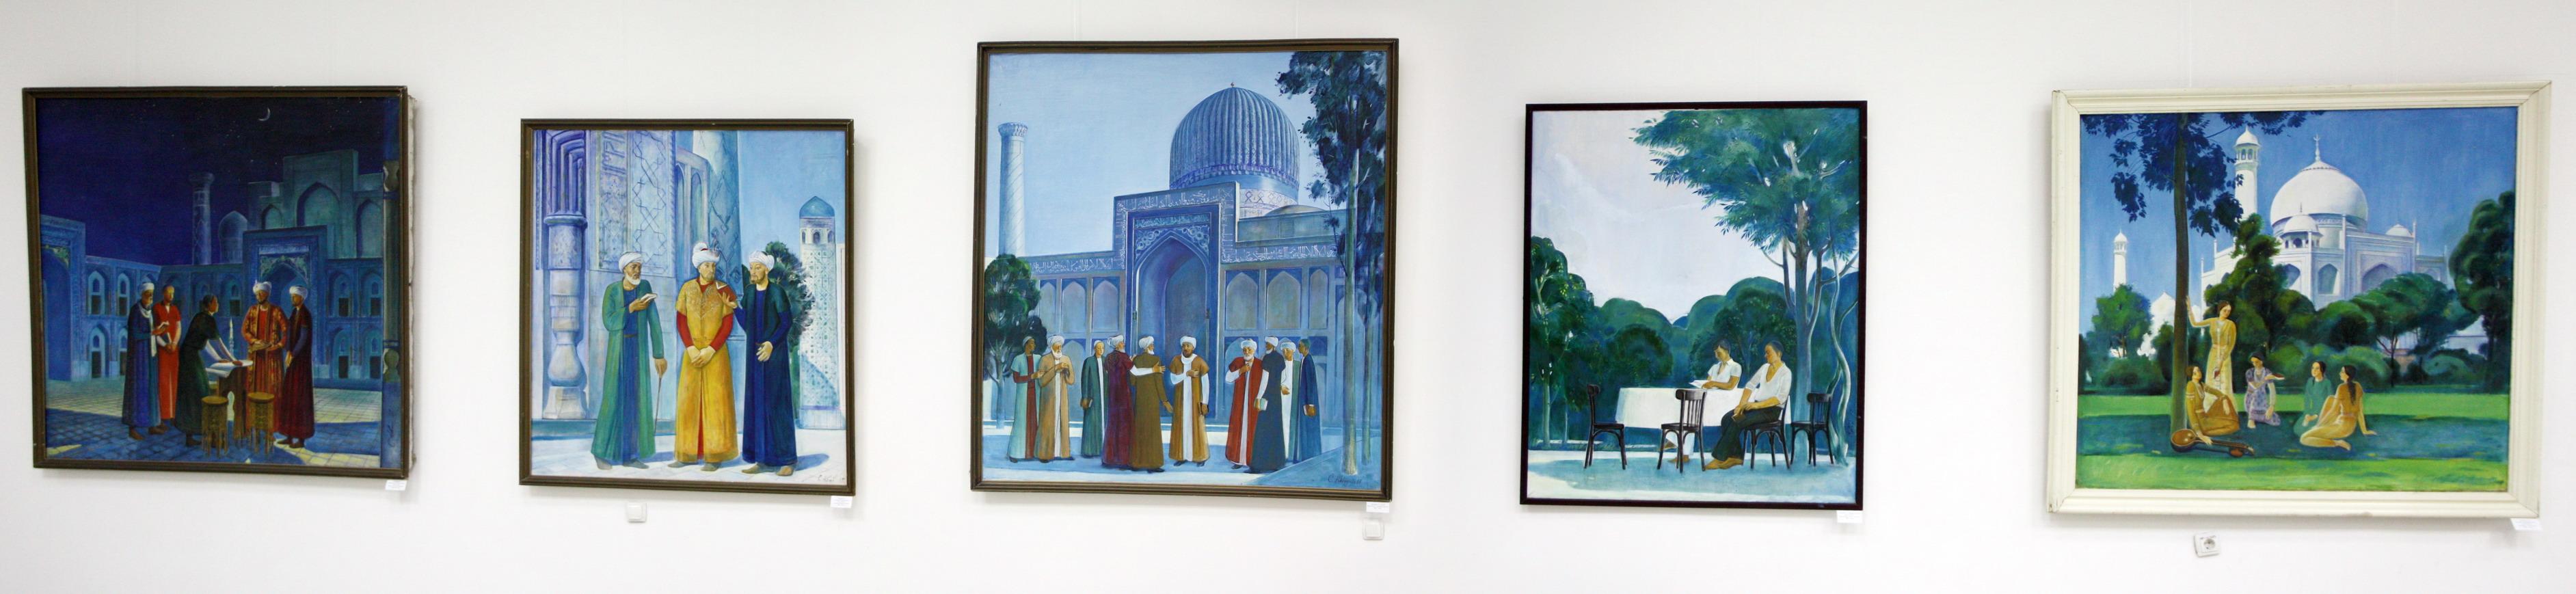 Сагдулла Абдуллаев. Экспозиция картин.